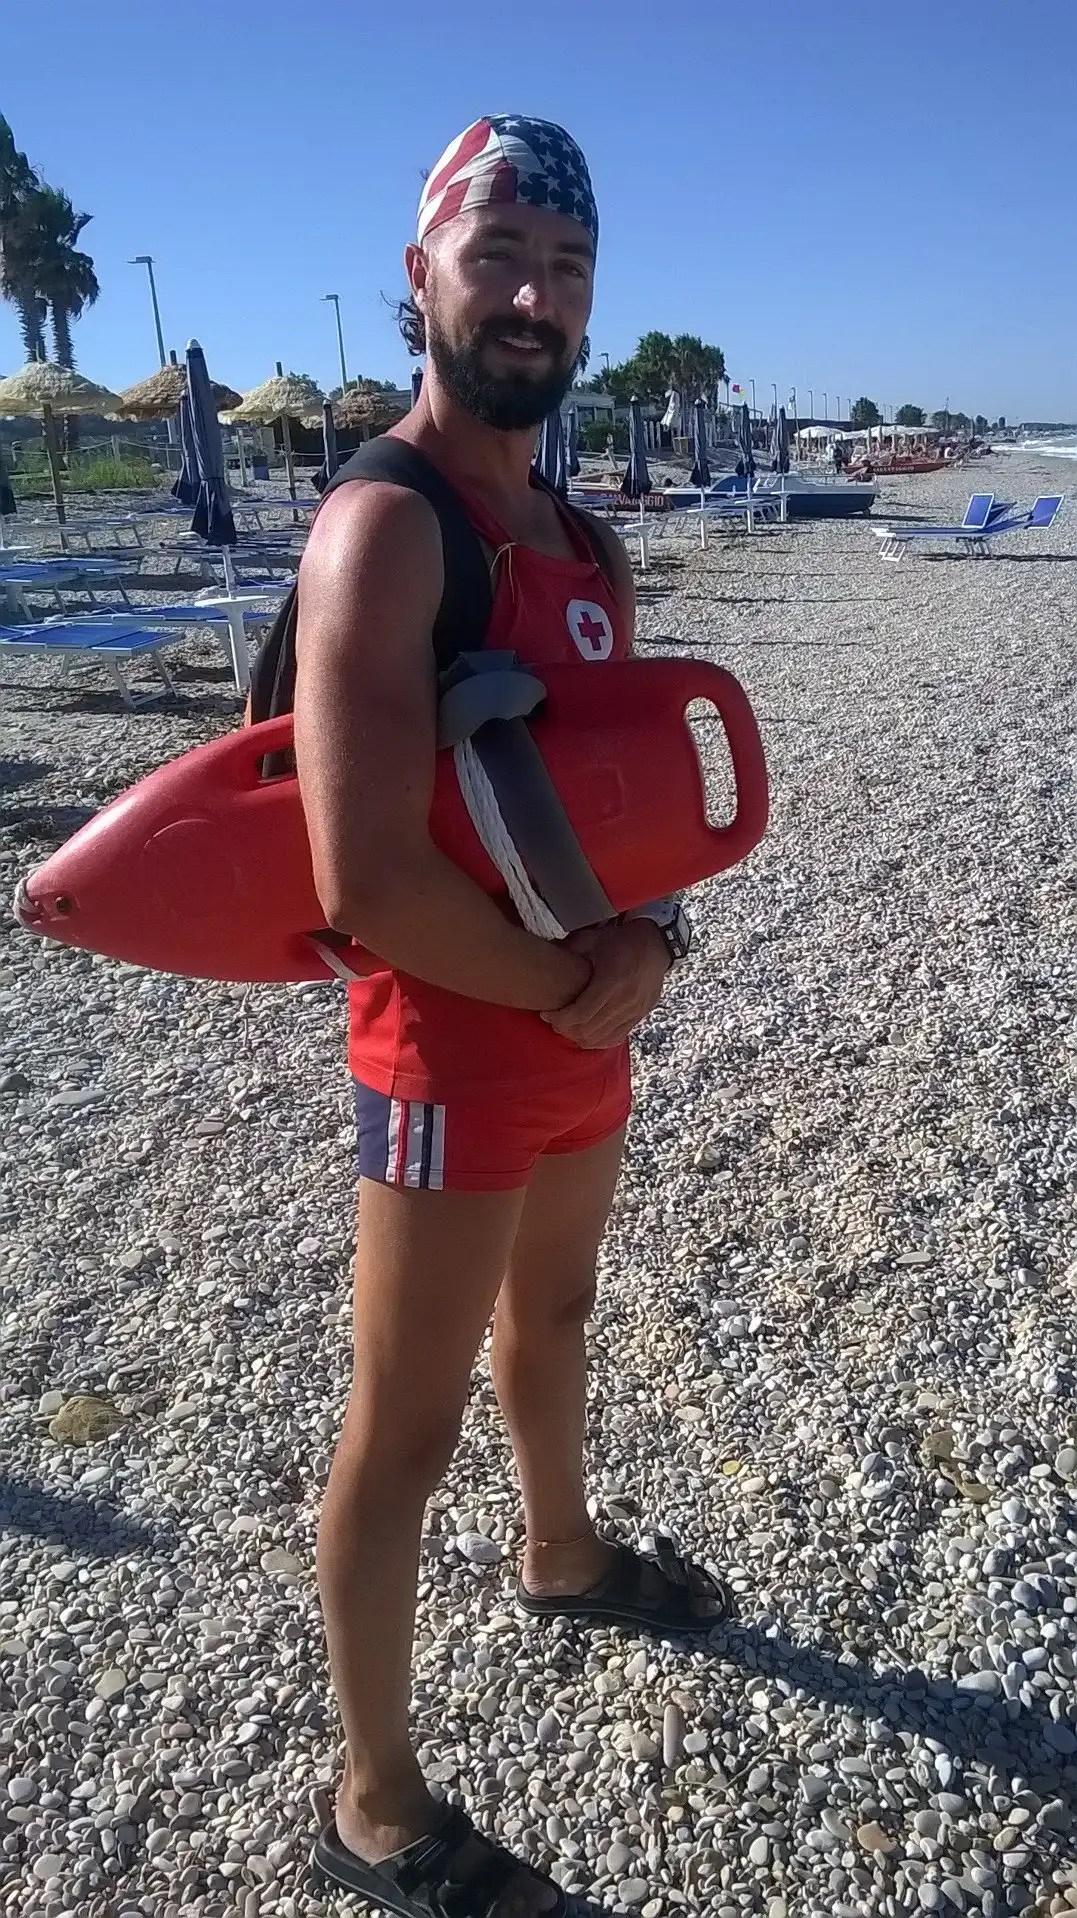 La mia esperienza di assistente bagnanti e l'amore per il mare